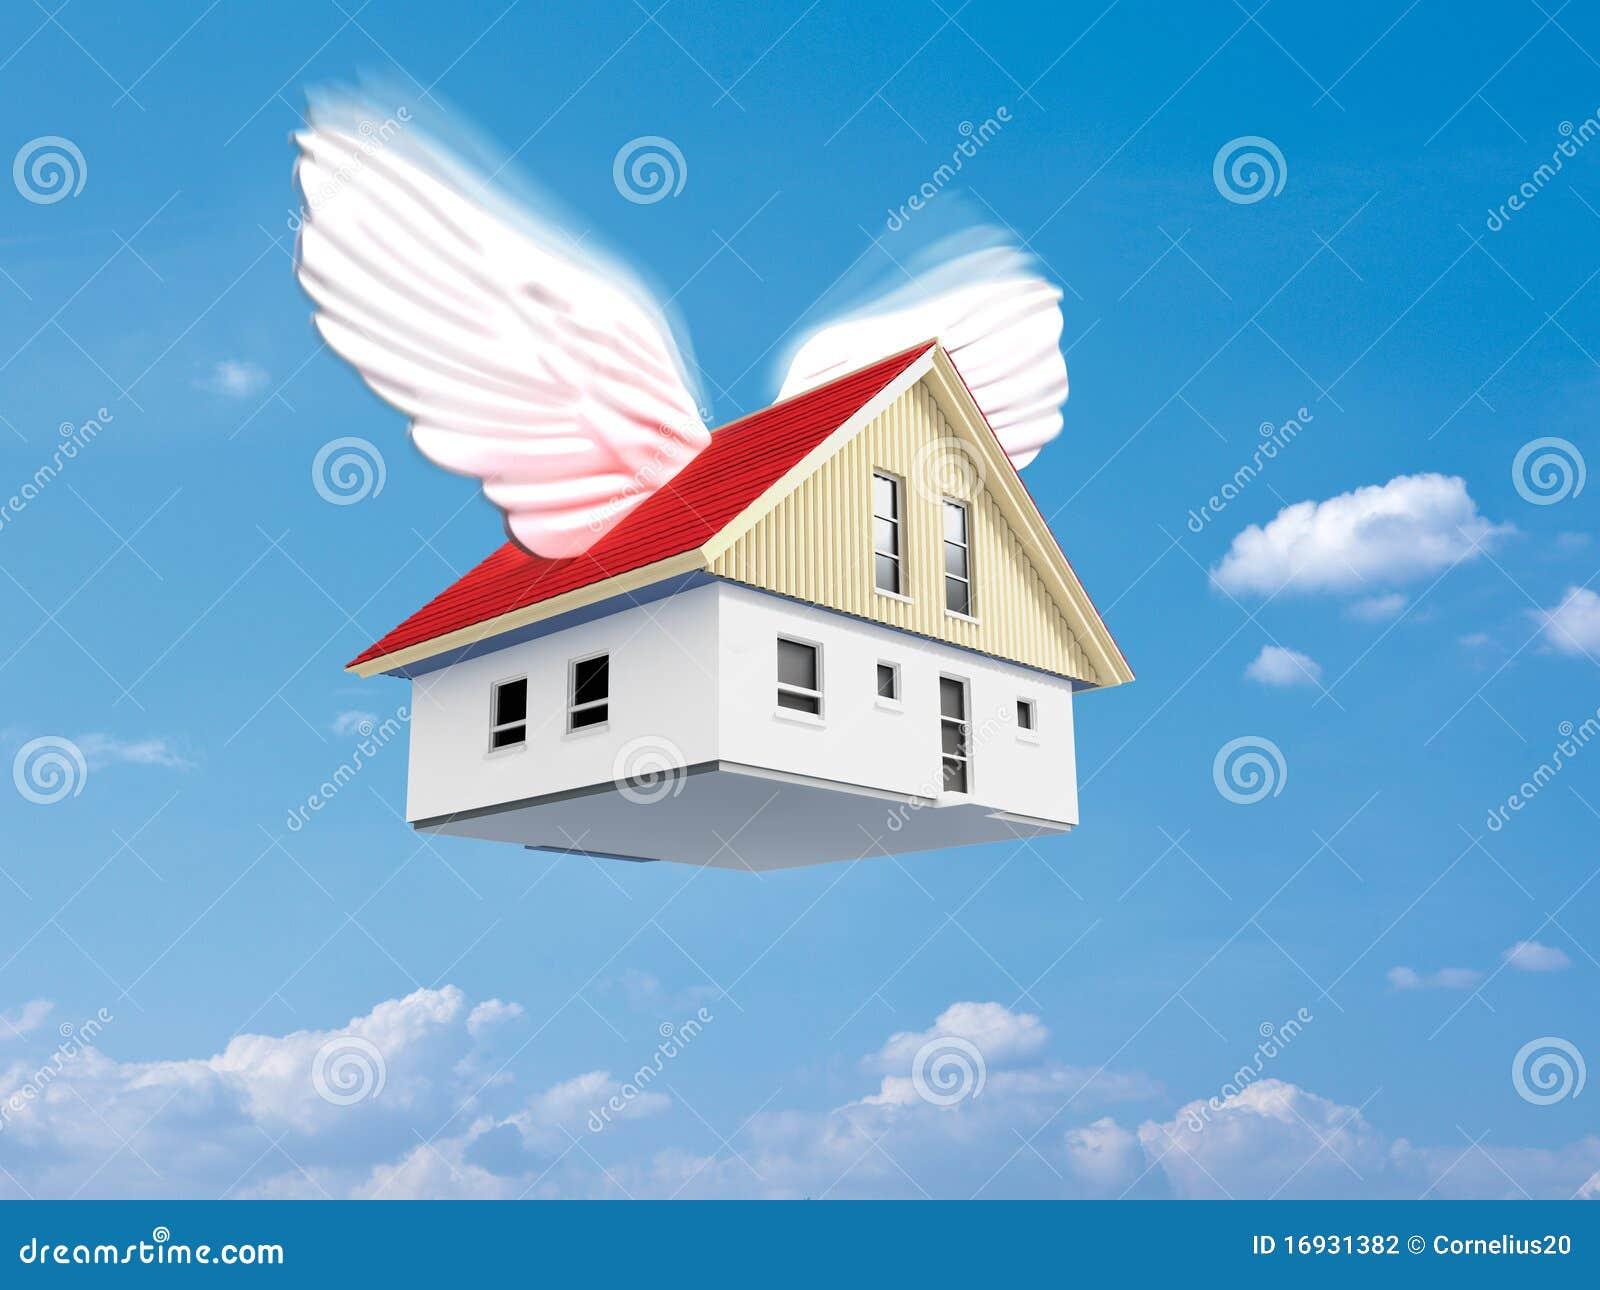 Flying house stock illustration illustration of flying for Flying haus